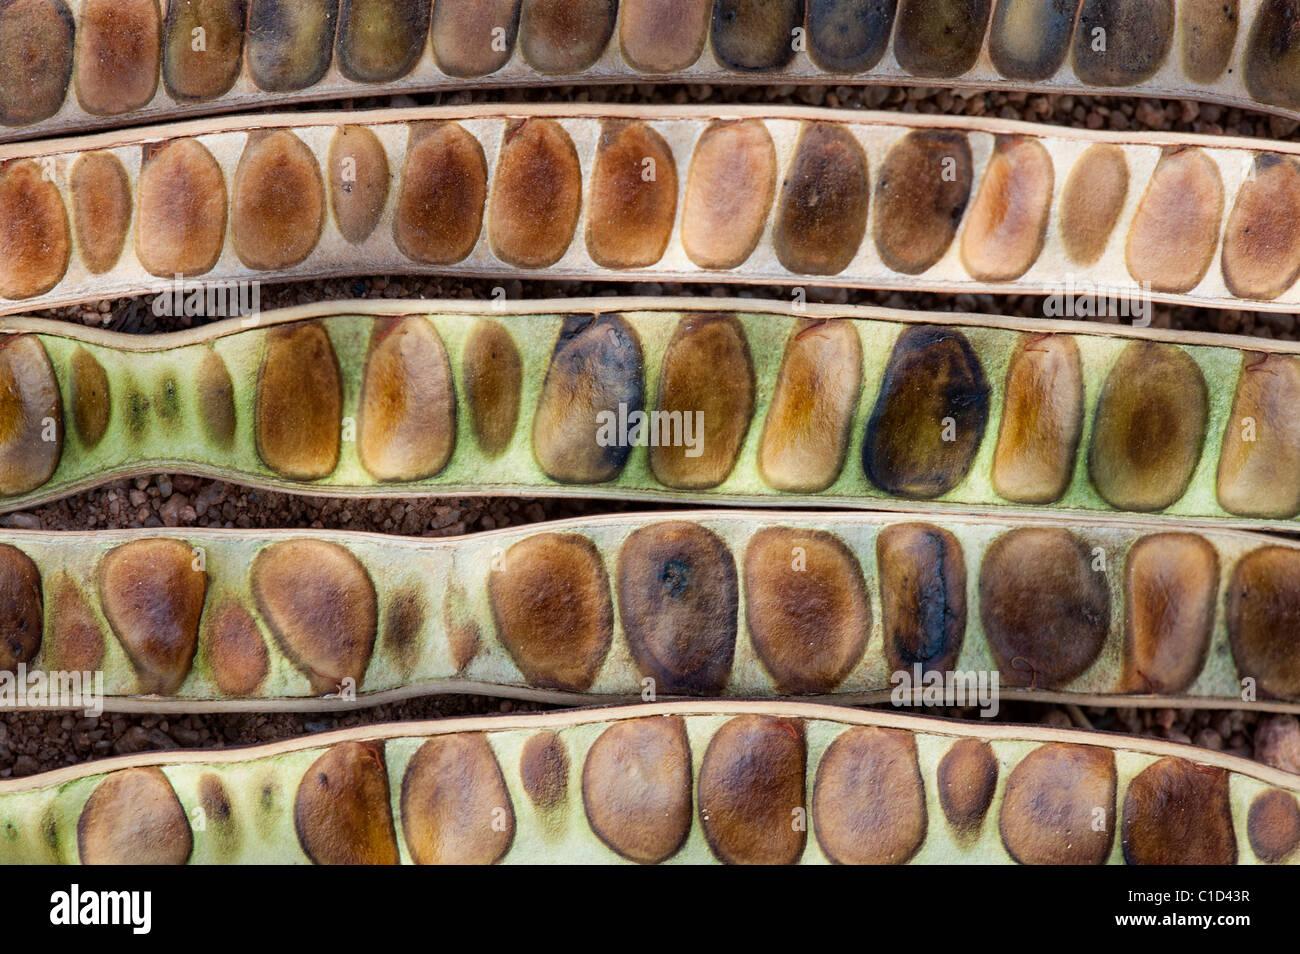 Senna Siamea. Kassod tree Samenkapseln. Indien. Abstraktes Muster Stockbild